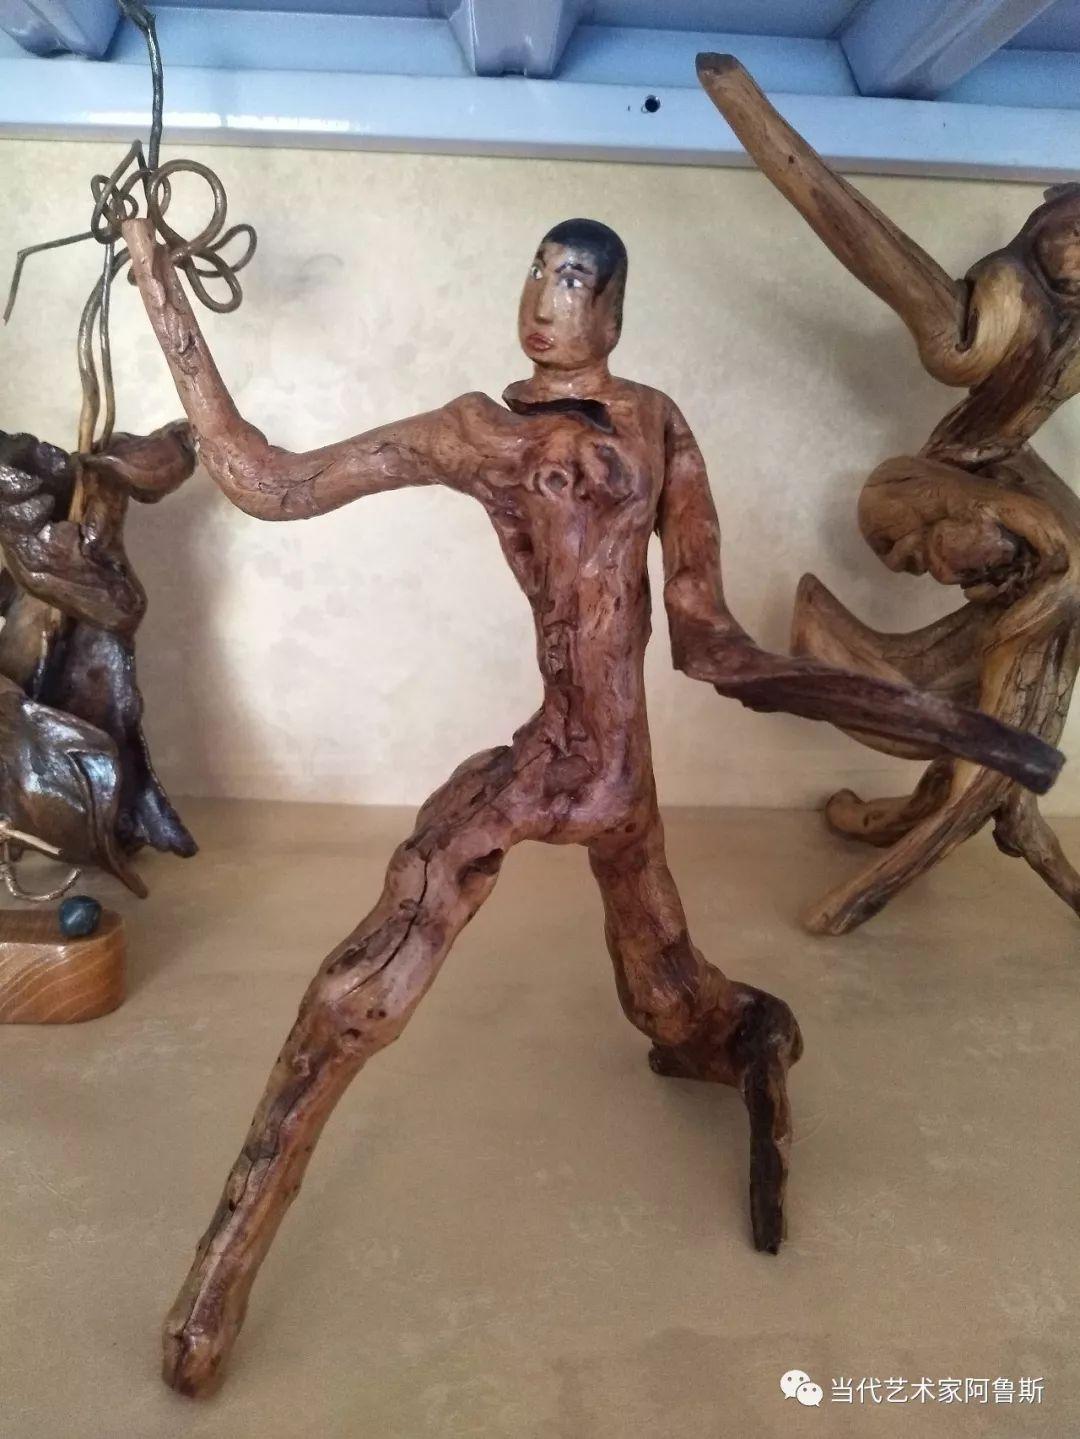 锡林郭勒草原民间艺人阿拉腾敖都的根雕艺术作品欣赏 第9张